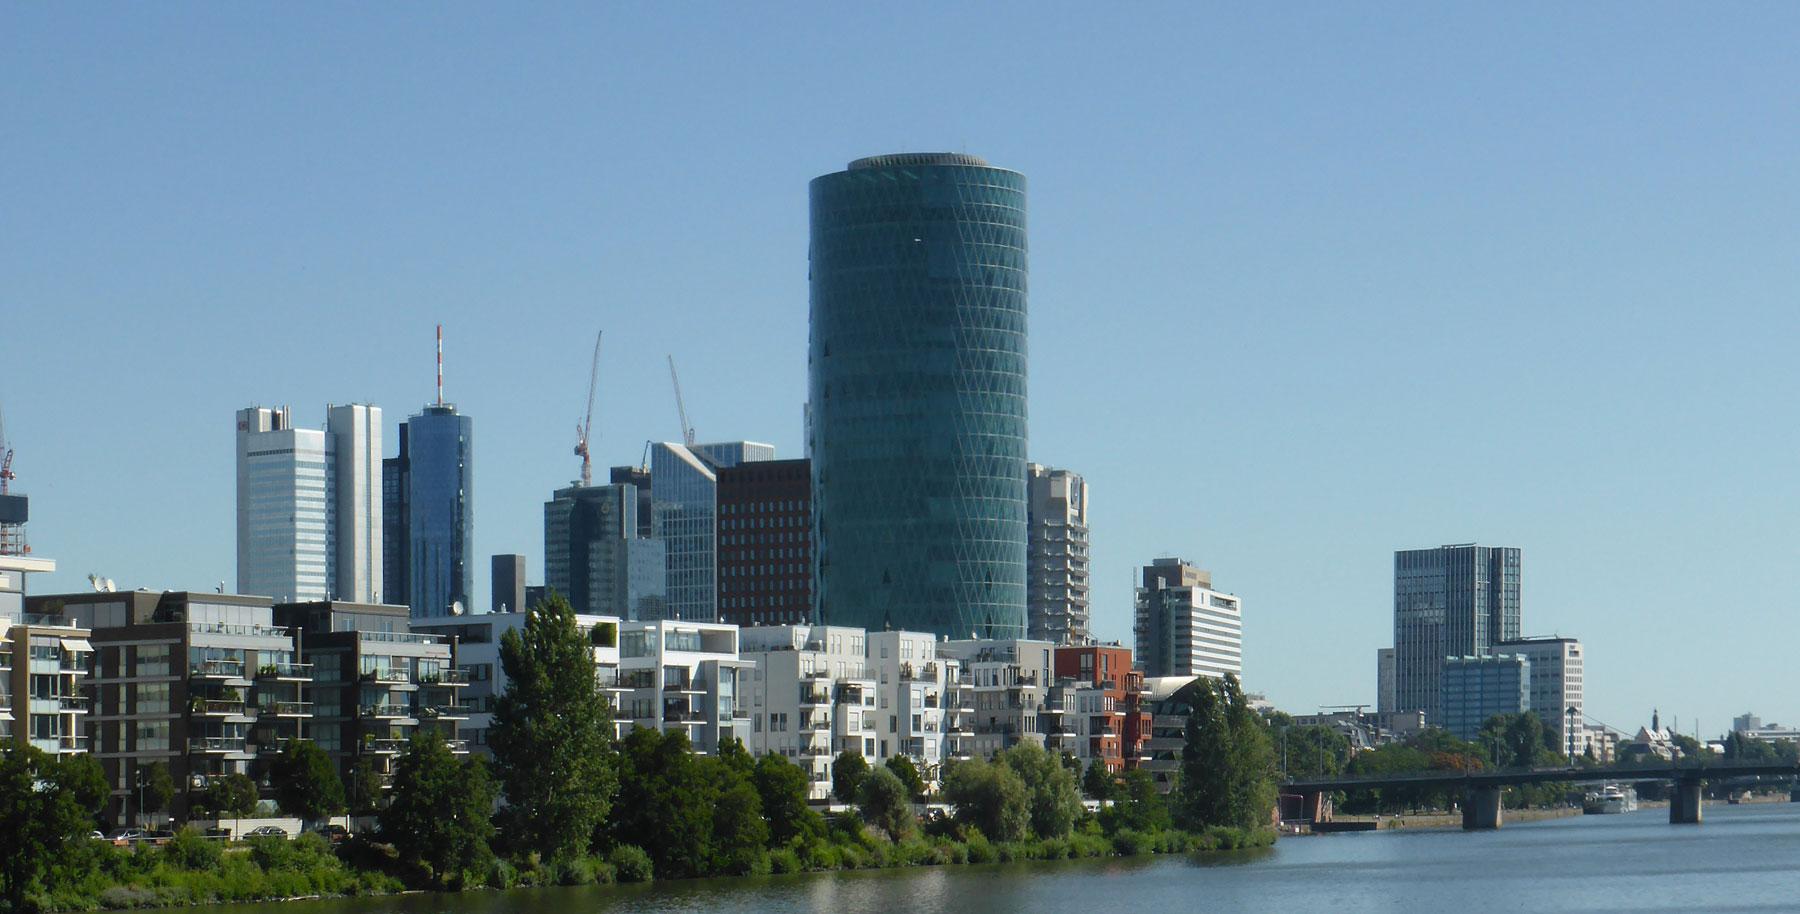 Westhafen Tower in Frankfurt am Main - Modernes Bürohochhaus am Mainufer - Architekt Schneider und Schumacher - Ebbelwoi Glas